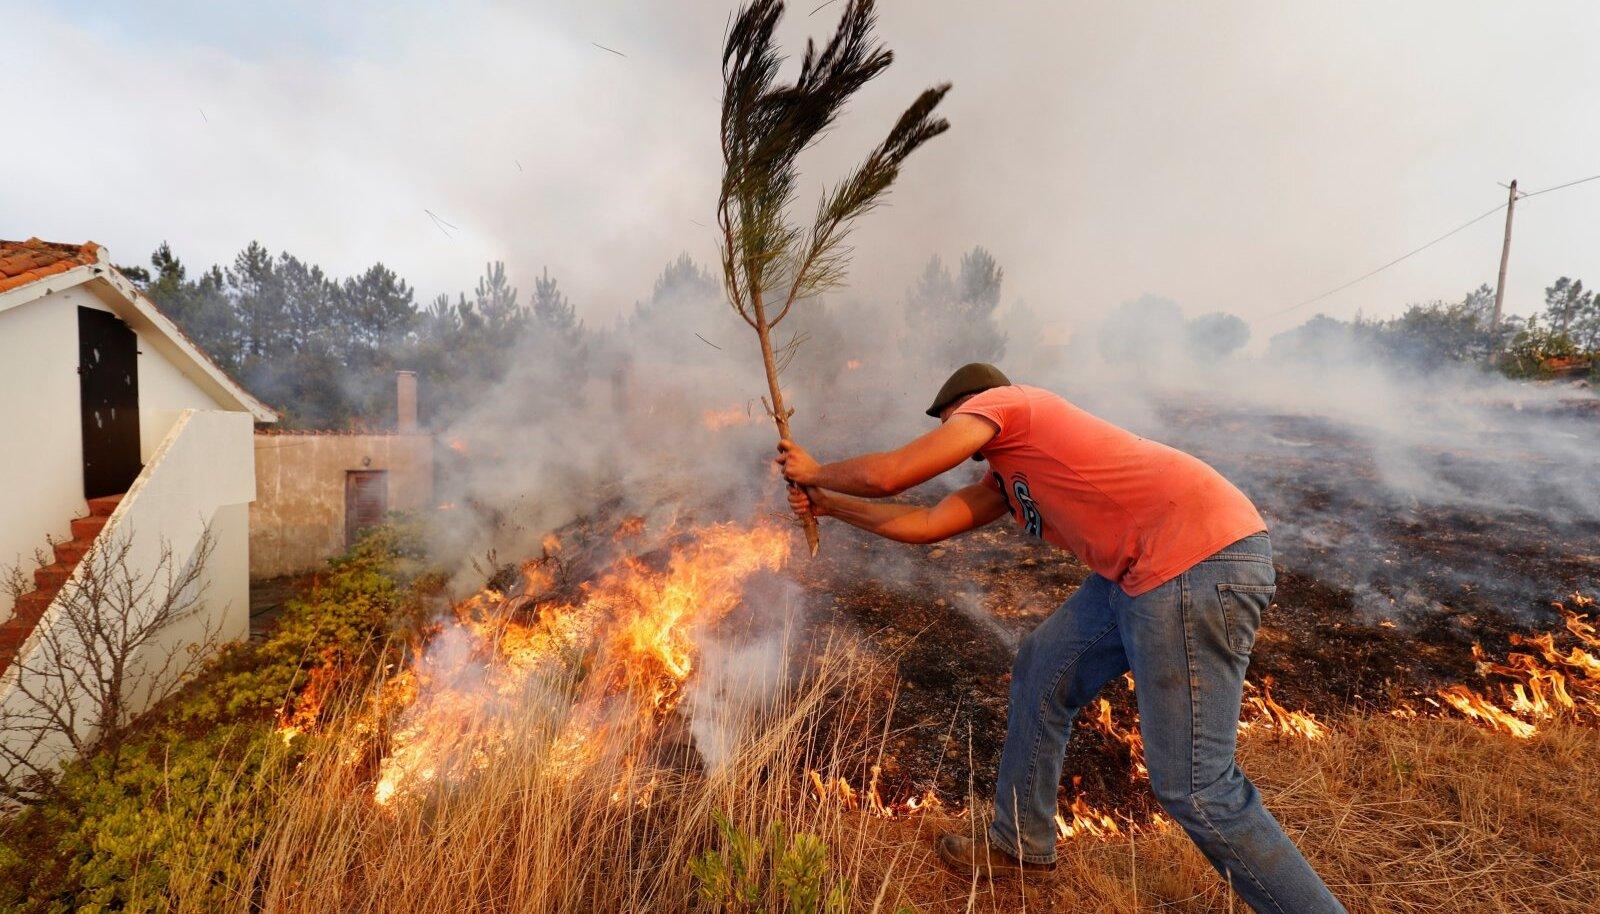 Noored hakkasid kaebust koostama 2017. aastal, kui neist osa pidi taluma Lissabonis kohutavat kuumalainet ja osa tulema toime kodu lähedal lõõmavate metsatulekahjudega.